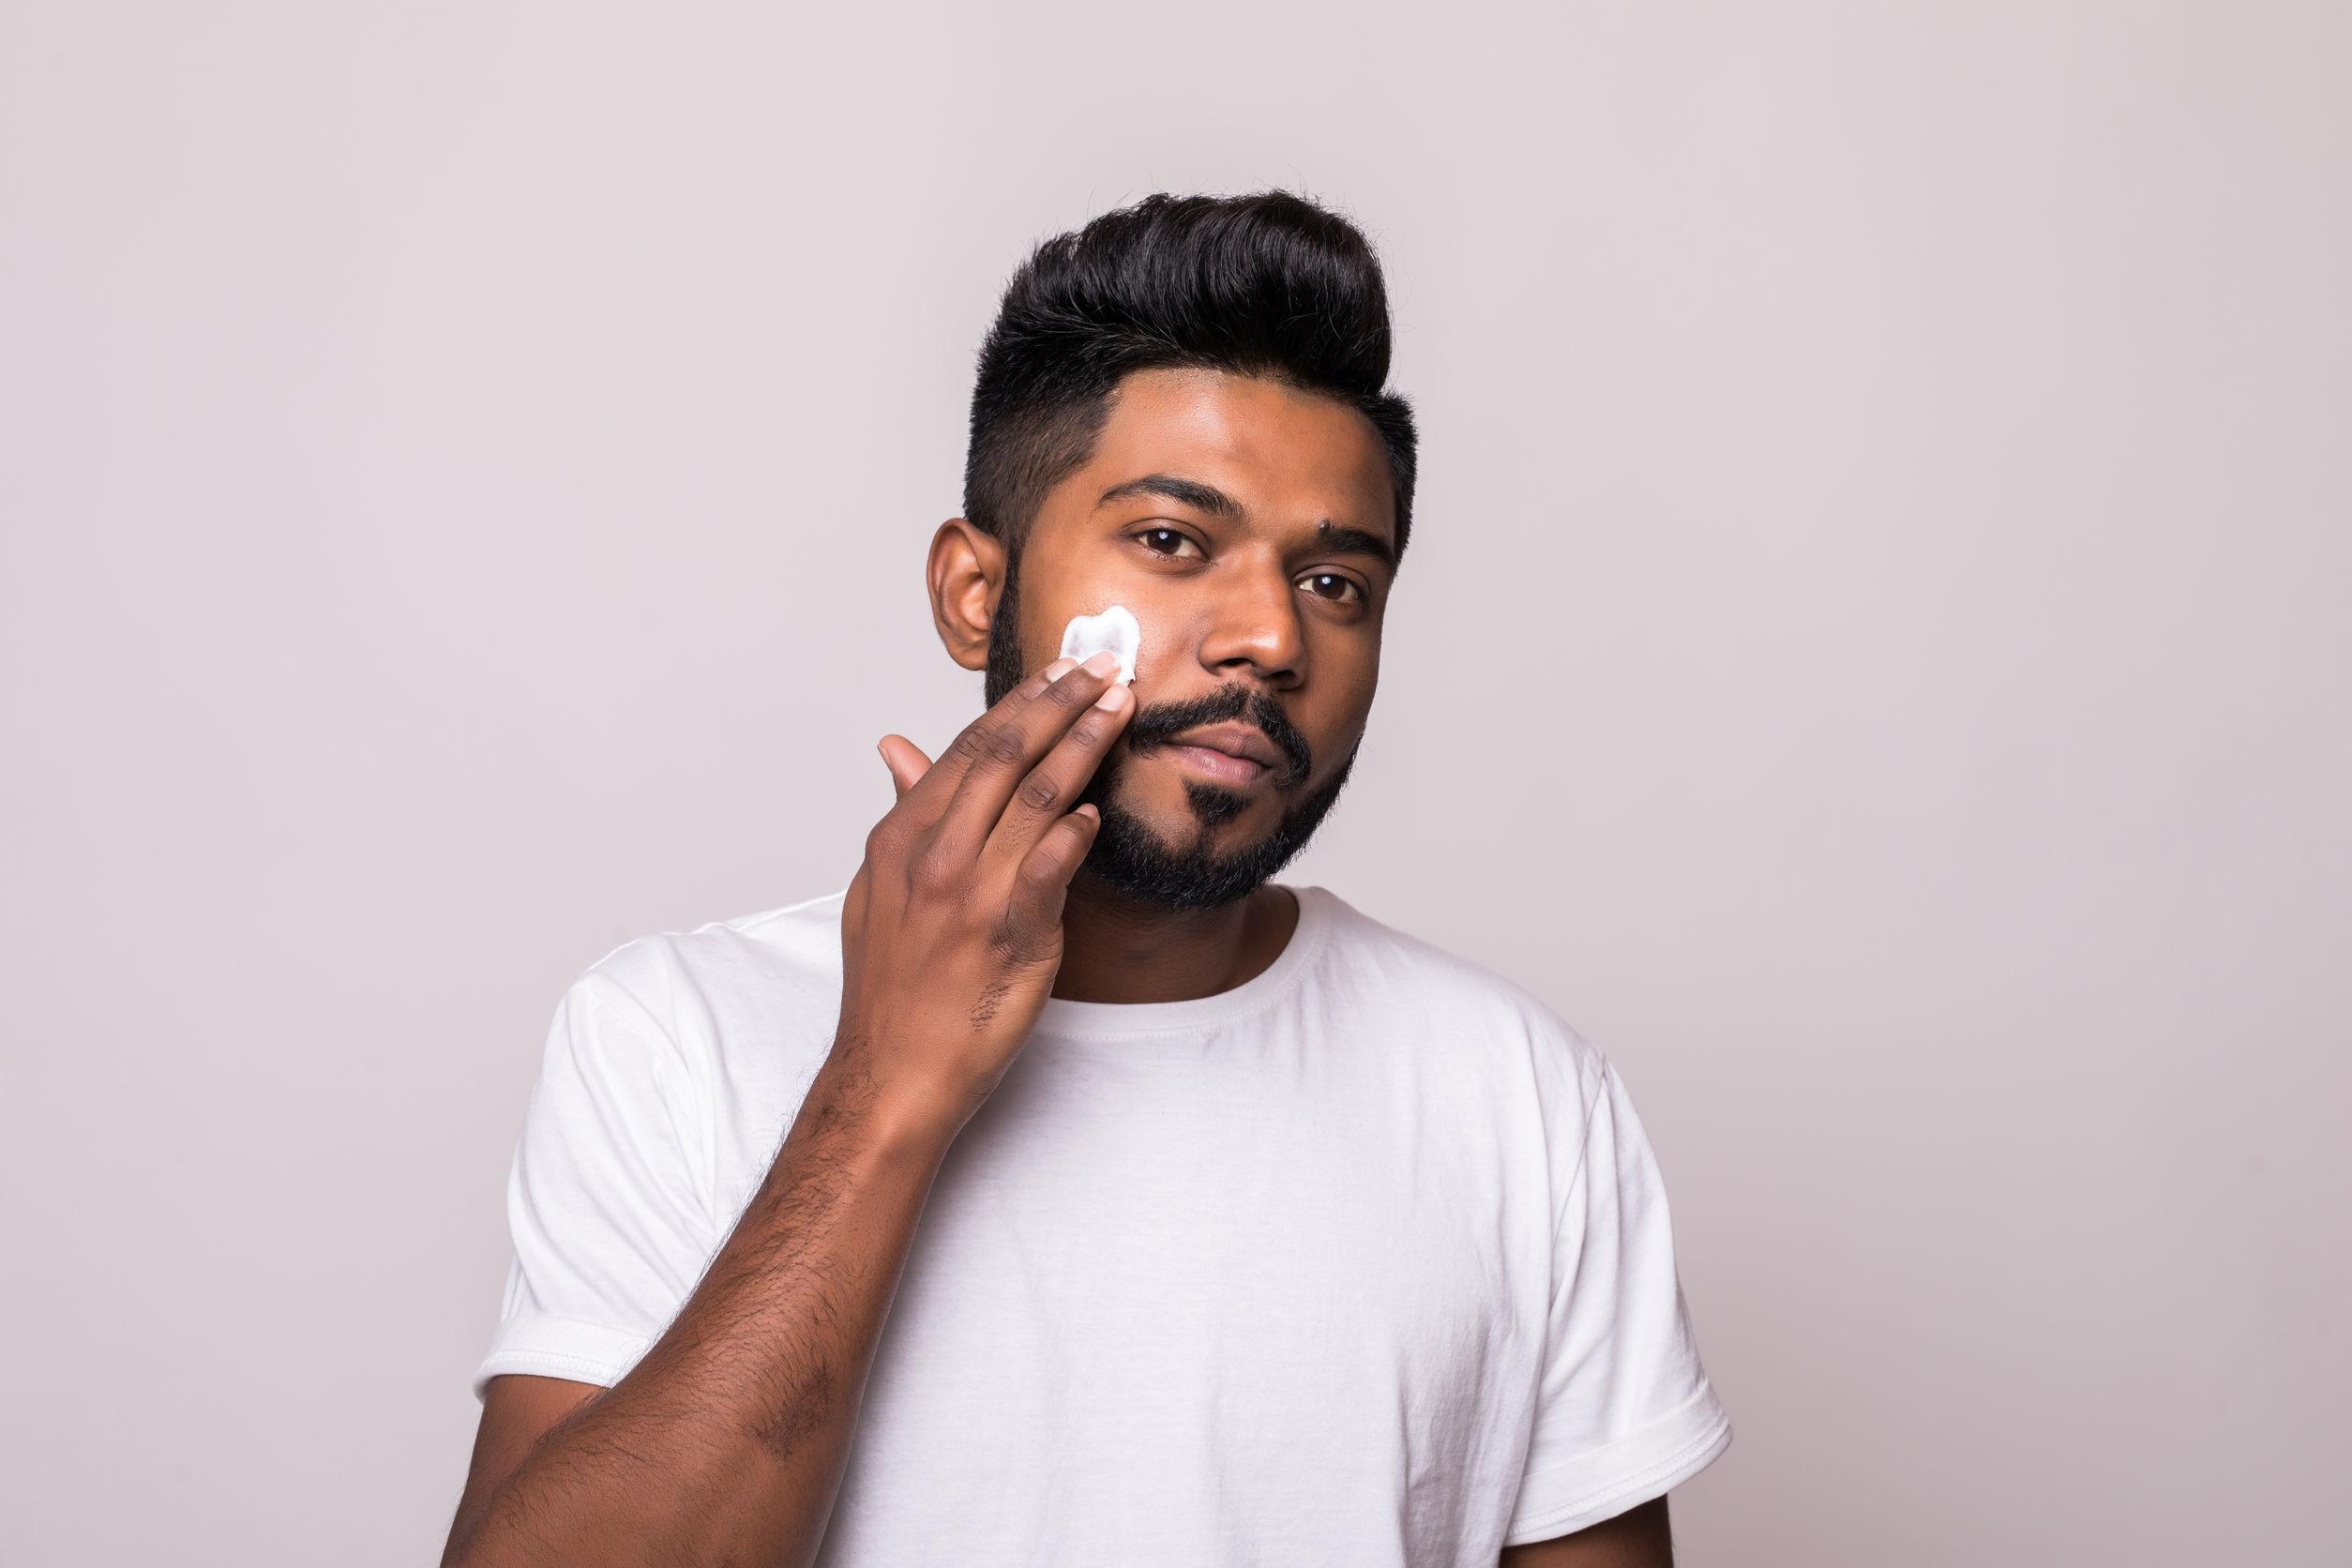 Uomo con schiuma da barba sul viso